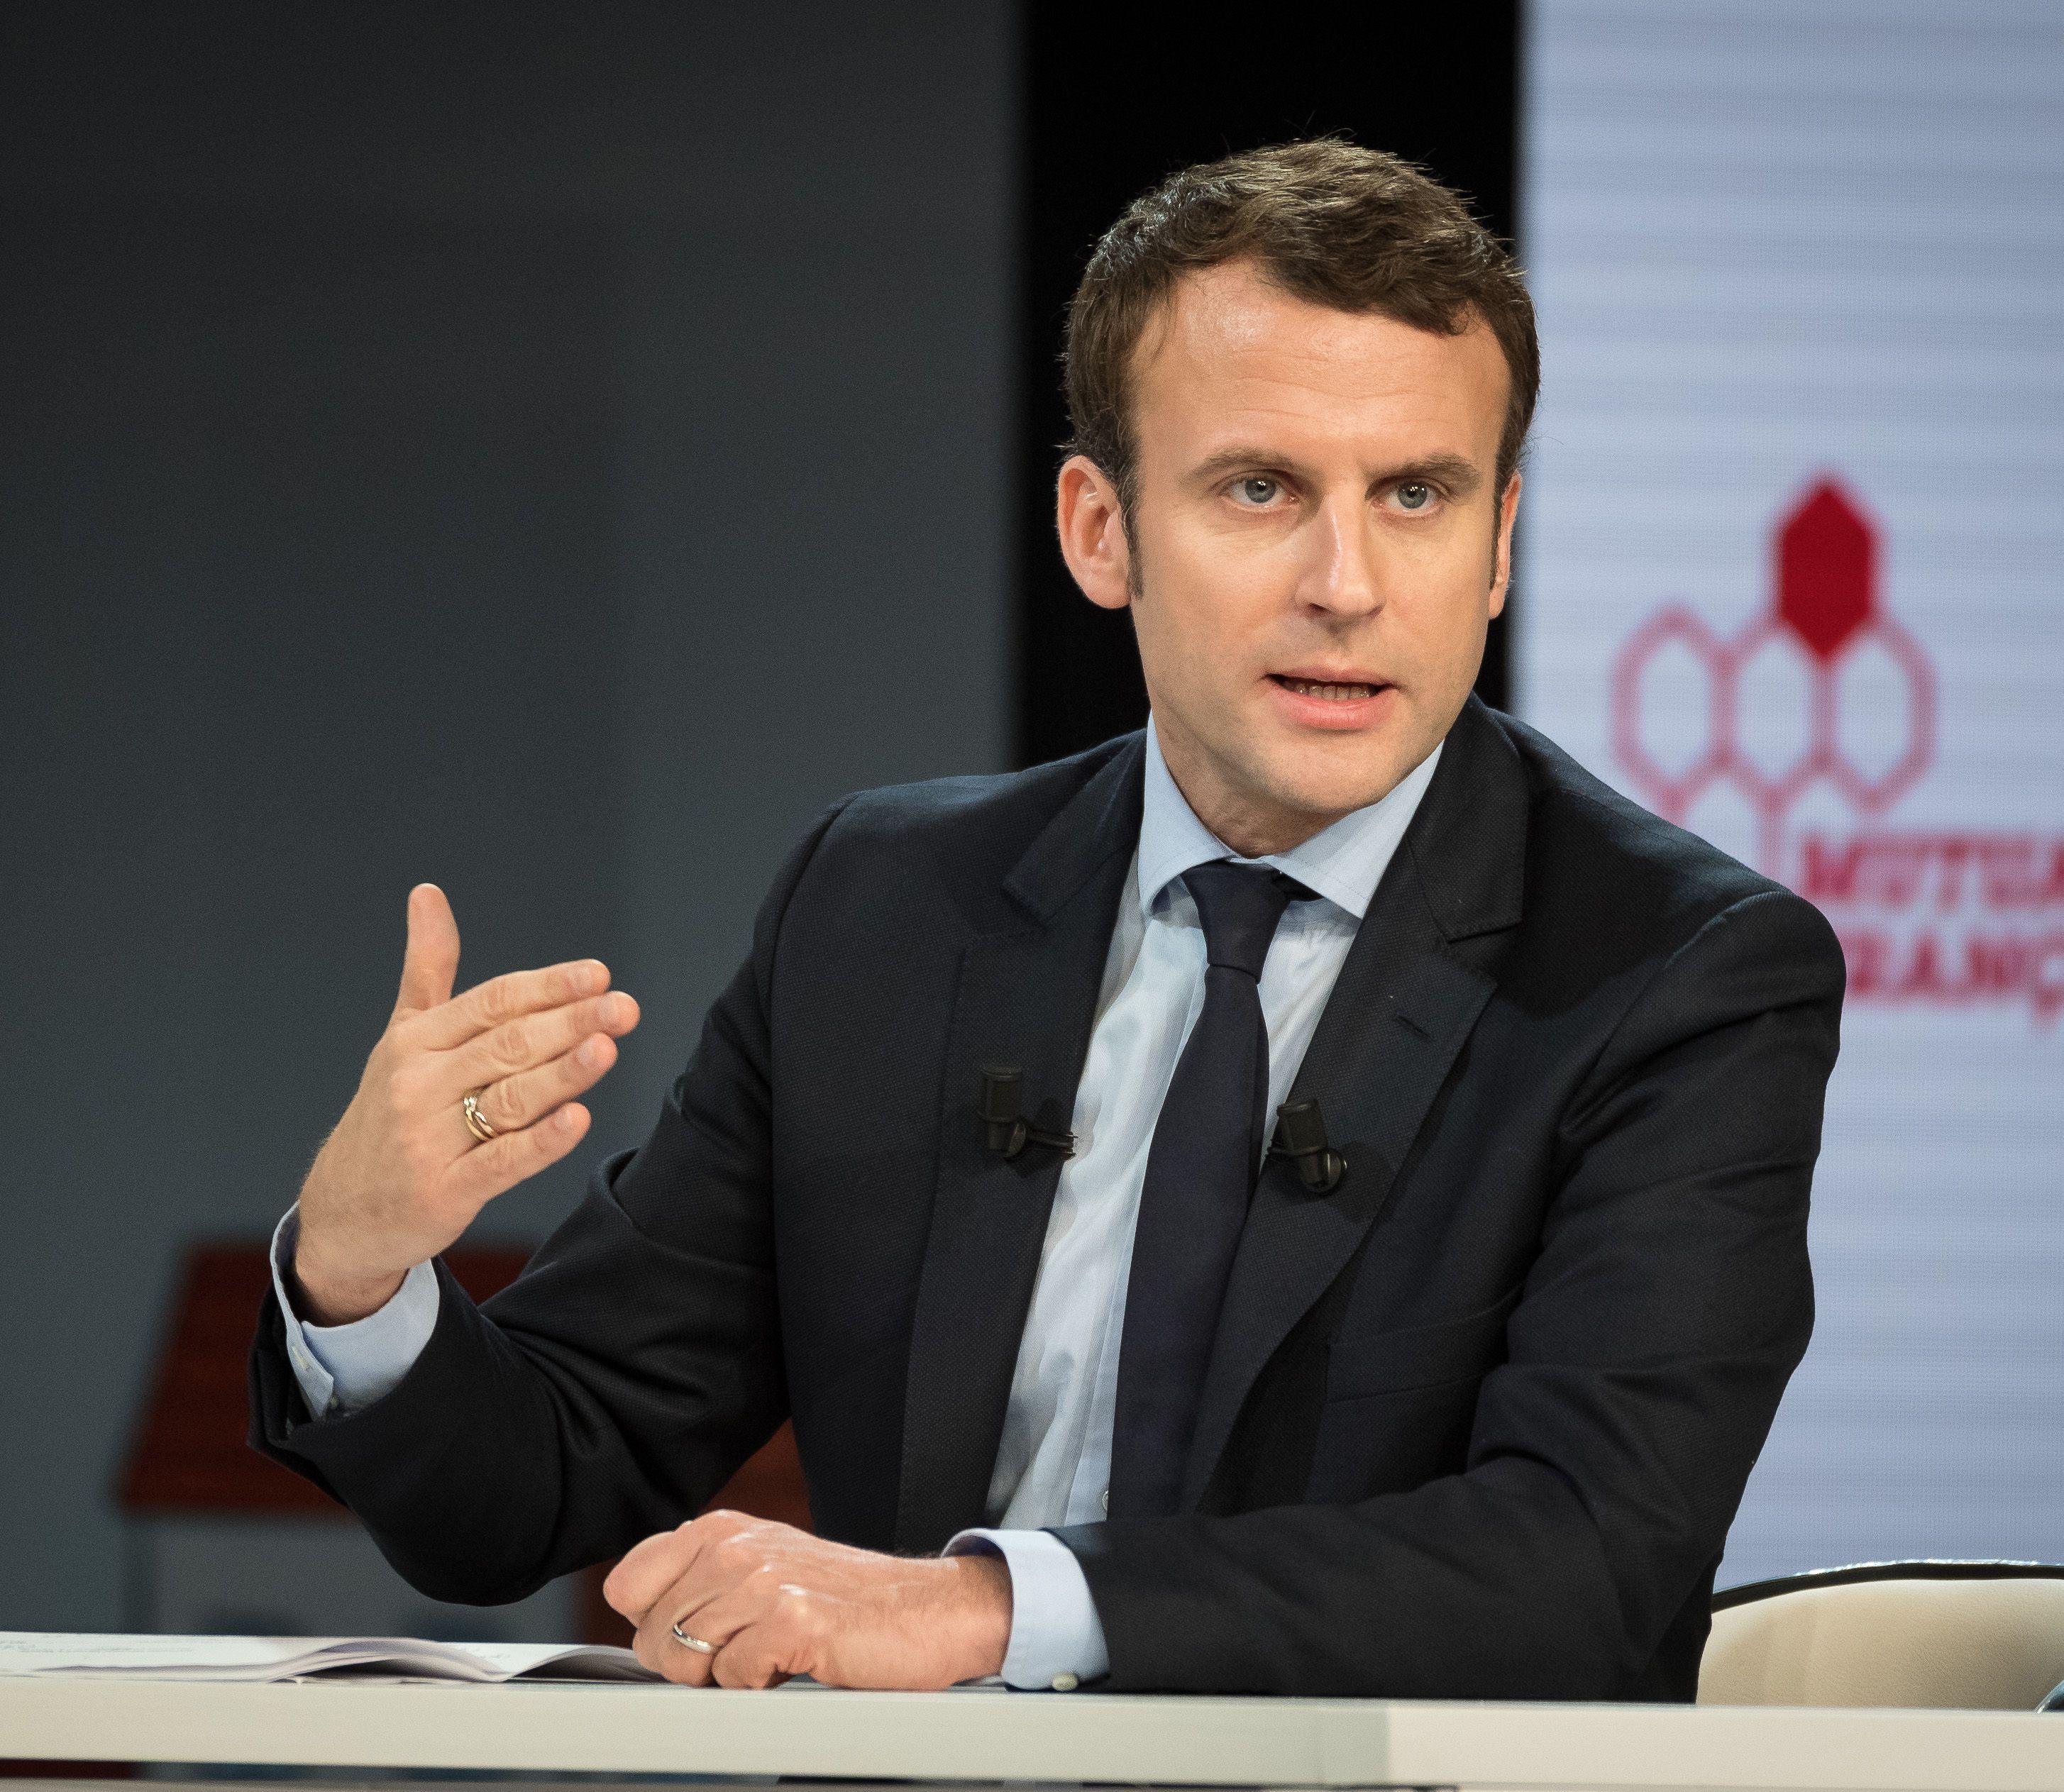 Commentateurs et citoyens se souviennent-ils que le programme du favori de la Présidentielle française est une recette inédite ? Entre big data, sondages, algorithmes et consensus, Emmanuel Macron n'est pas le candidat d'un projet mais celui d'une méthode.